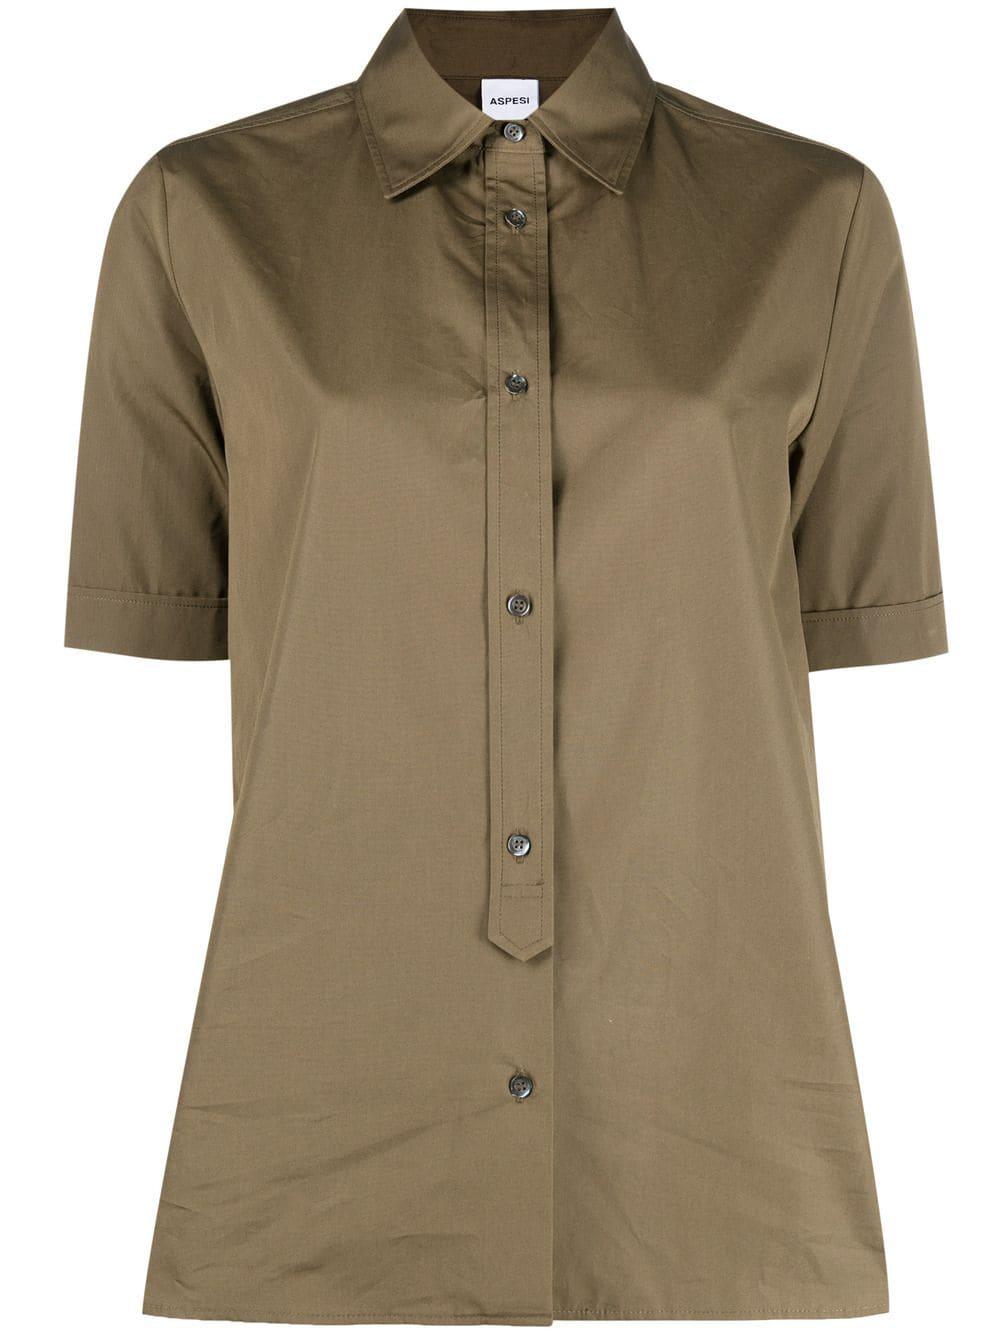 Brown cotton short-sleeved button placket shirt  ASPESI      H719-D30785237